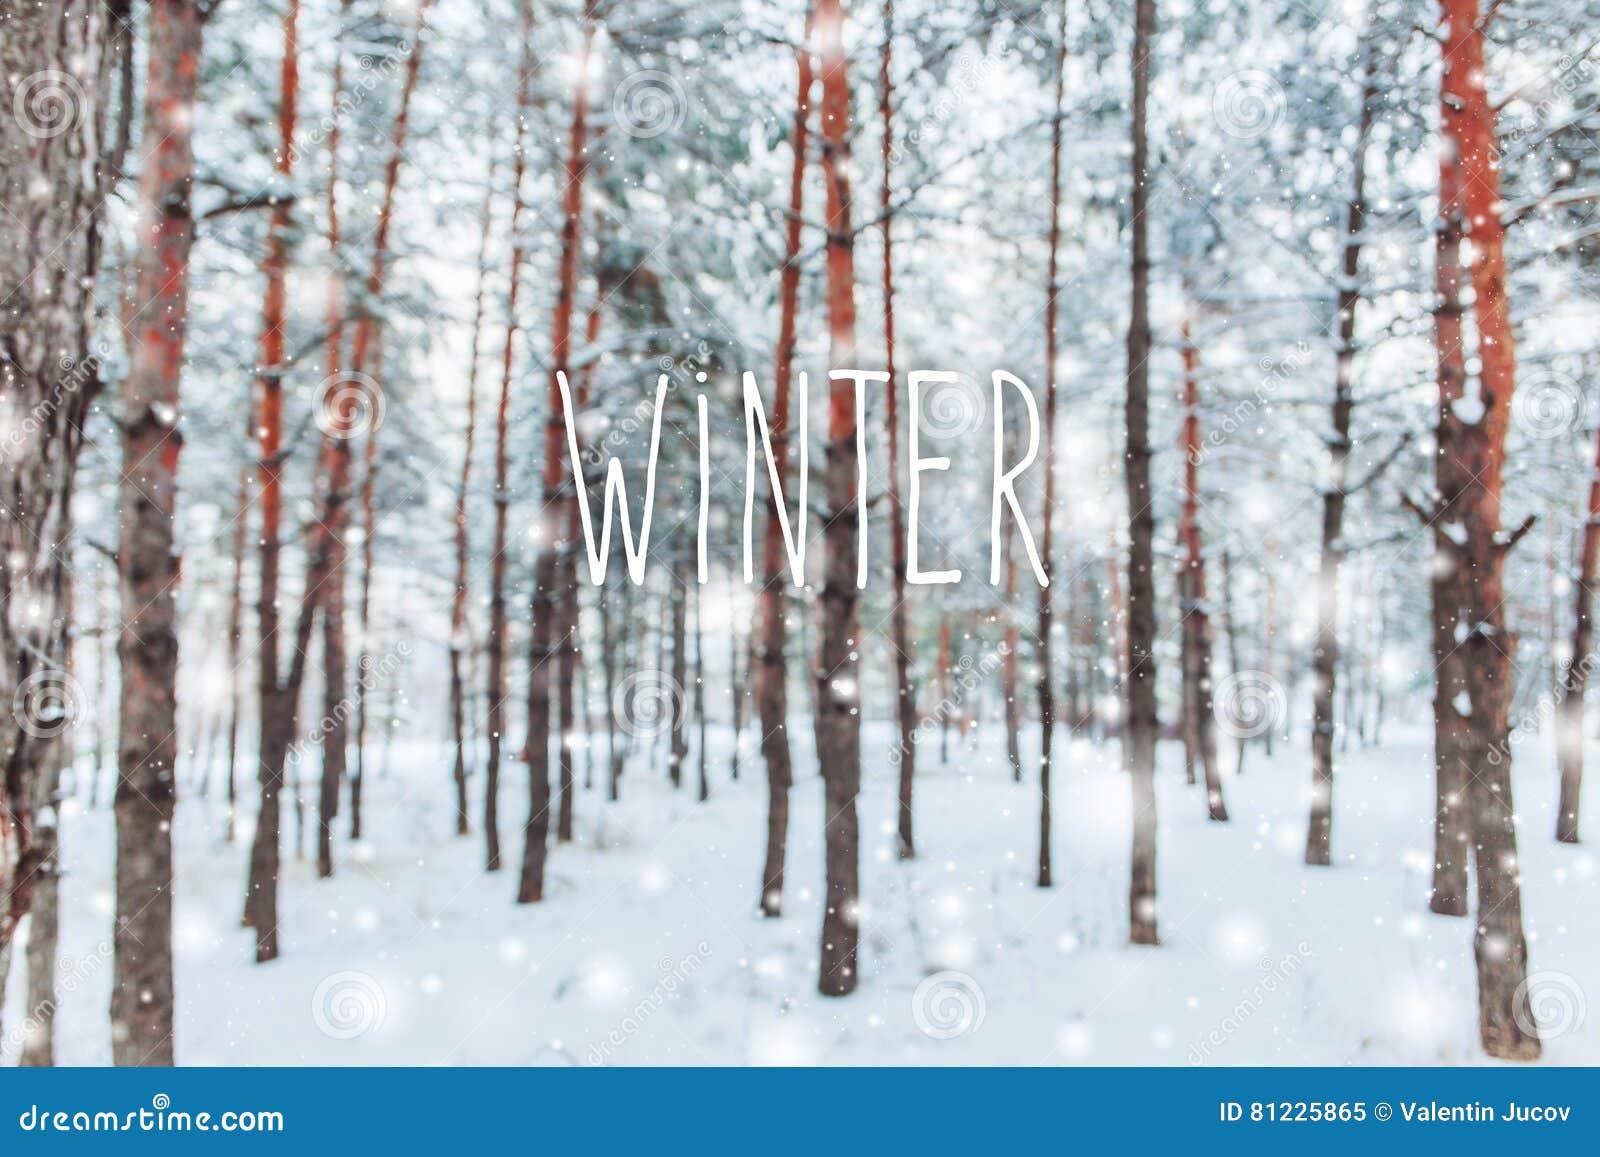 Ijzig de winterlandschap in sneeuw bosdiePijnboomtakken met sneeuw in koud de winterweer worden behandeld Kerstmisachtergrond met